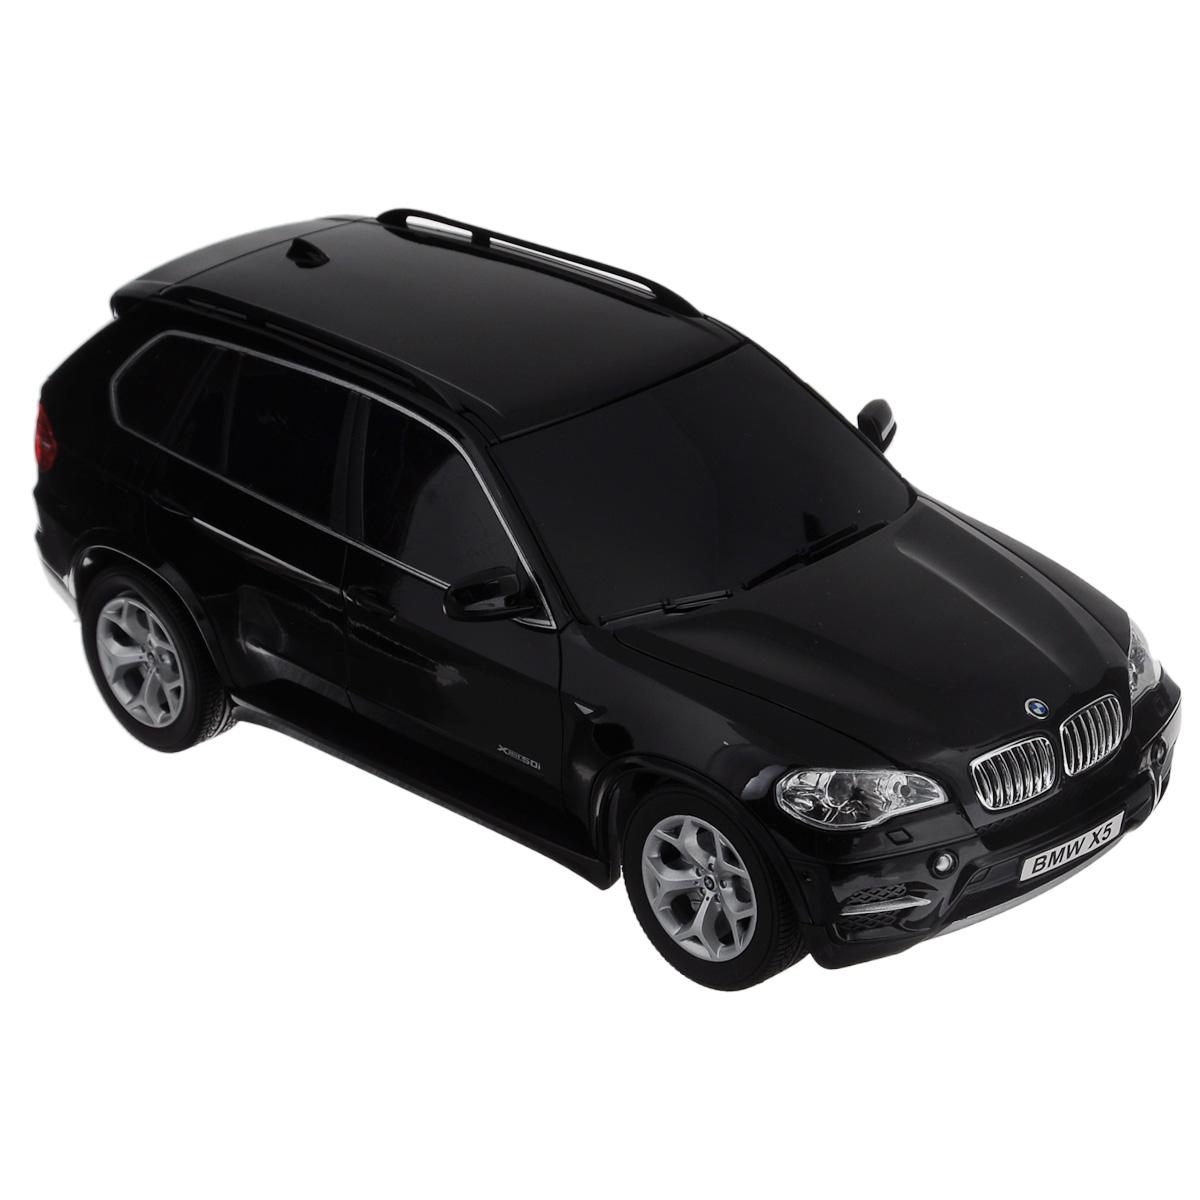 """Все мальчишки любят мощные крутые тачки! Особенно если это дорогие машины известной марки, которые, проезжая по улице, обращают на себя восторженные взгляды пешеходов. Радиоуправляемая модель TopGear """"BMW X5"""" - это детальная копия существующего автомобиля в масштабе 1:18. Машинка изготовлена из прочного легкого пластика; колеса прорезинены. При движении передние и задние фары машины светятся. При помощи пульта управления автомобиль может перемещаться вперед, дает задний ход, поворачивает влево и вправо, останавливается. Встроенные амортизаторы обеспечивают комфортное движение. В комплект входят машинка, пульт управления, зарядное устройство (время зарядки составляет 4-5 часов), аккумулятор и 2 батарейки. Автомобиль отличается потрясающей маневренностью и динамикой. Ваш ребенок часами будет играть с моделью, устраивая захватывающие гонки. Машина работает от аккумулятора 500 mAh напряжением 4,8V (входит в комплект). Пульт управления работает от 2..."""